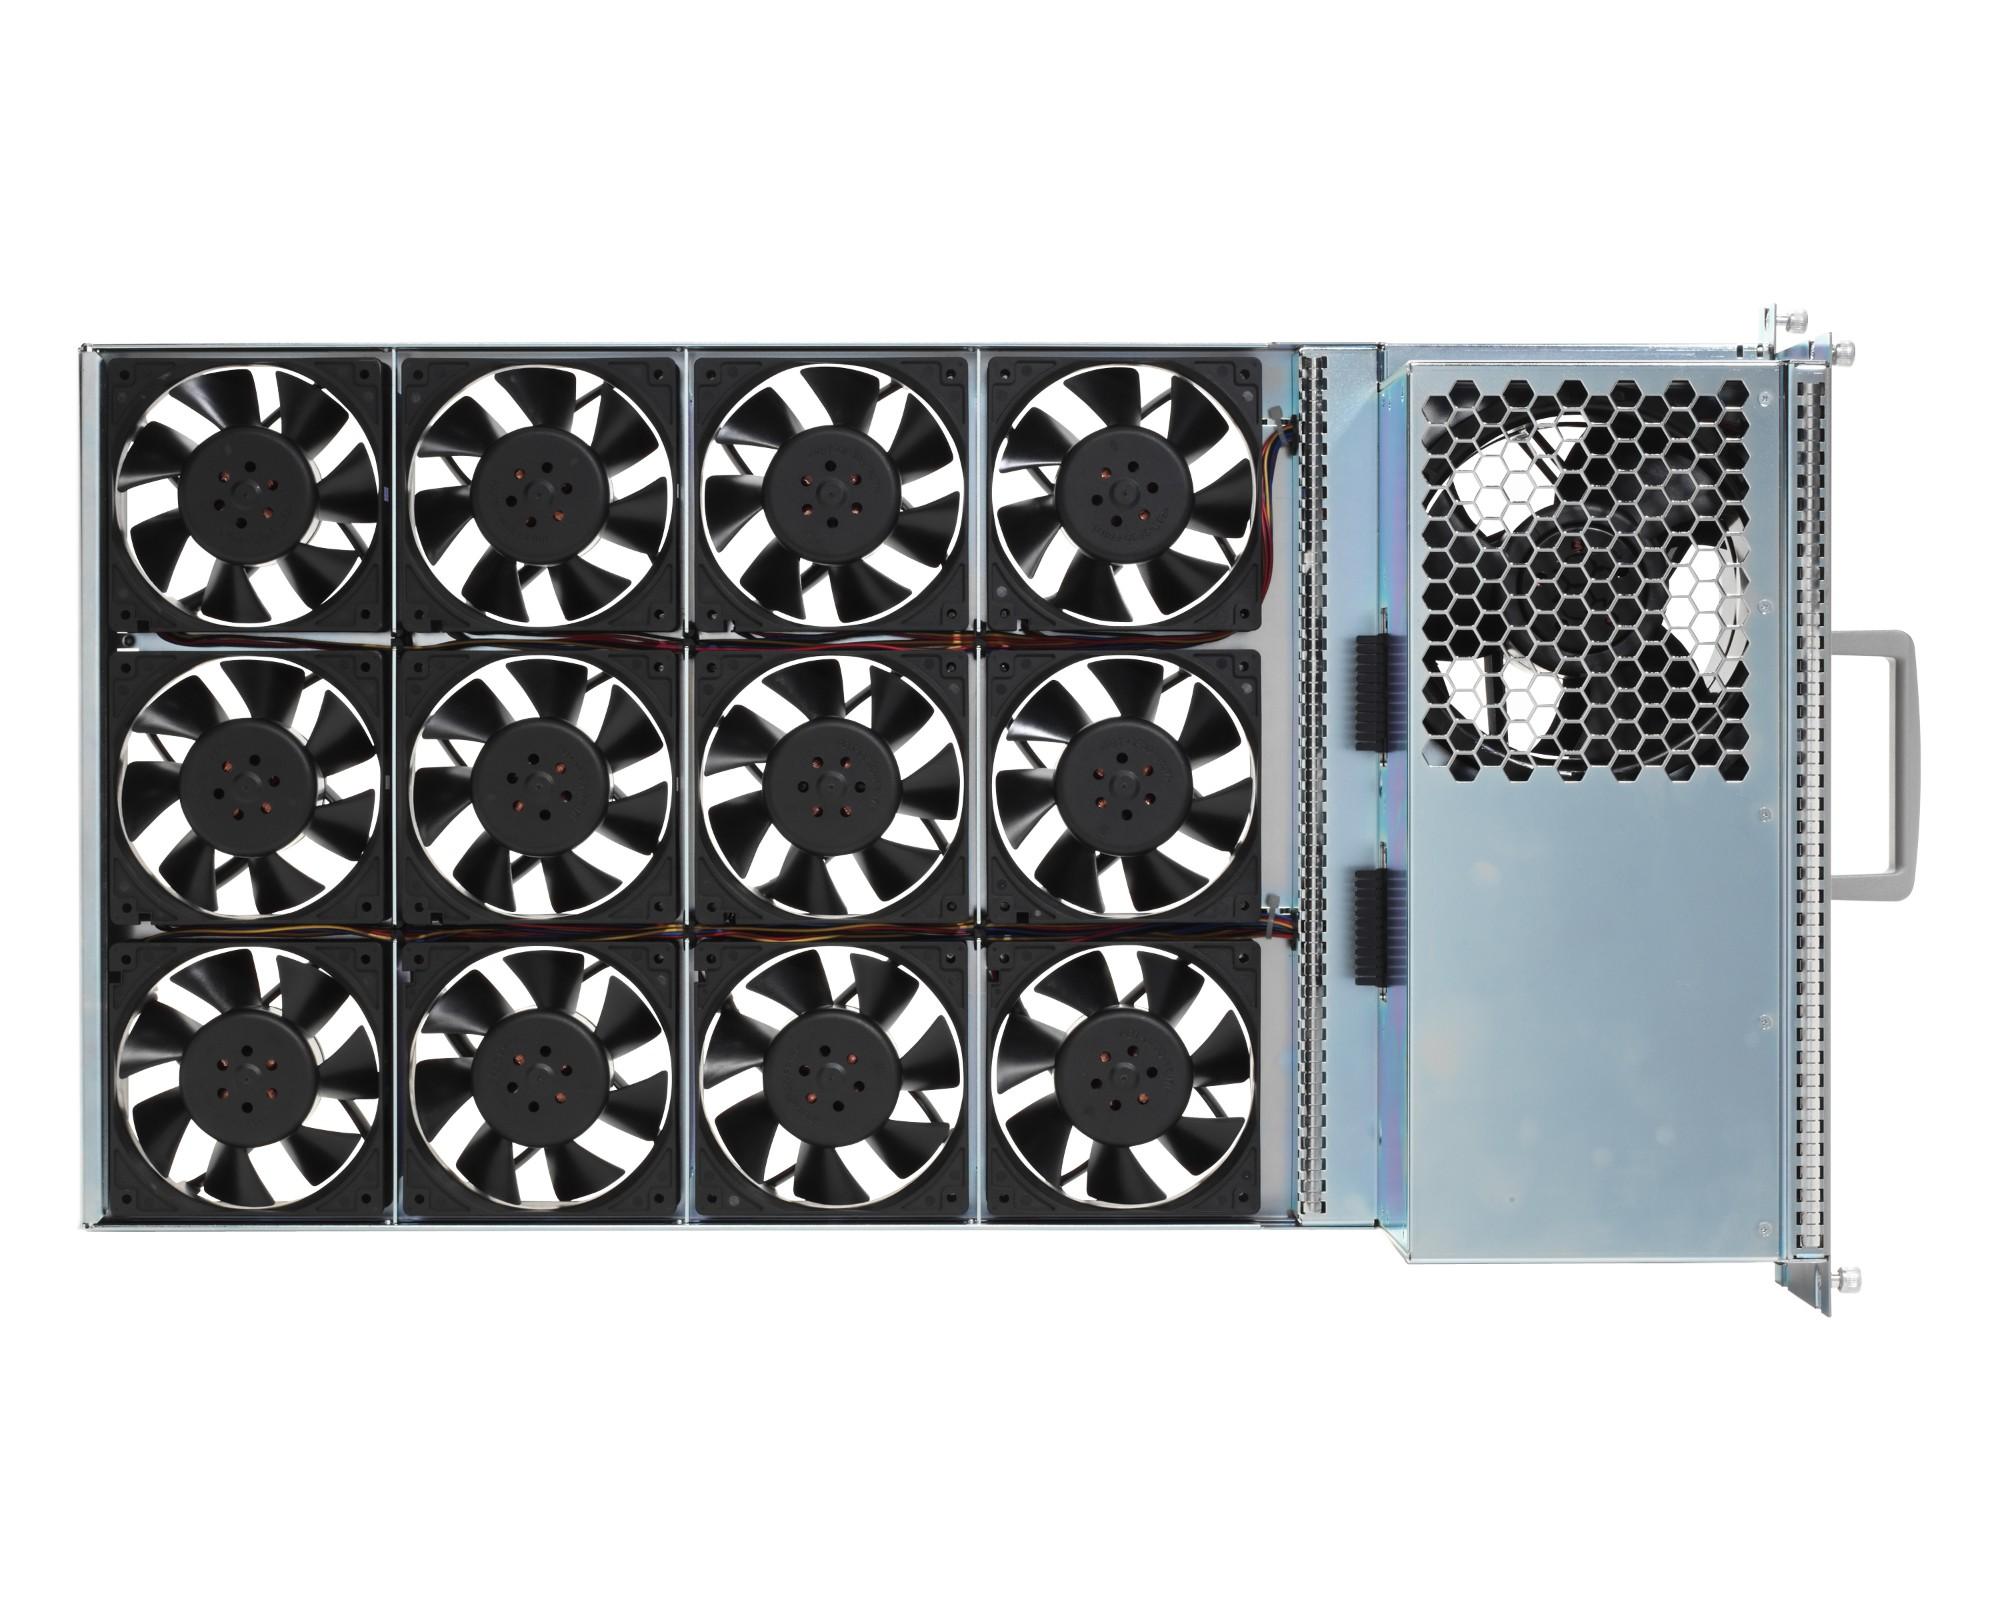 Nexus 7000 - 18 Slot Fan